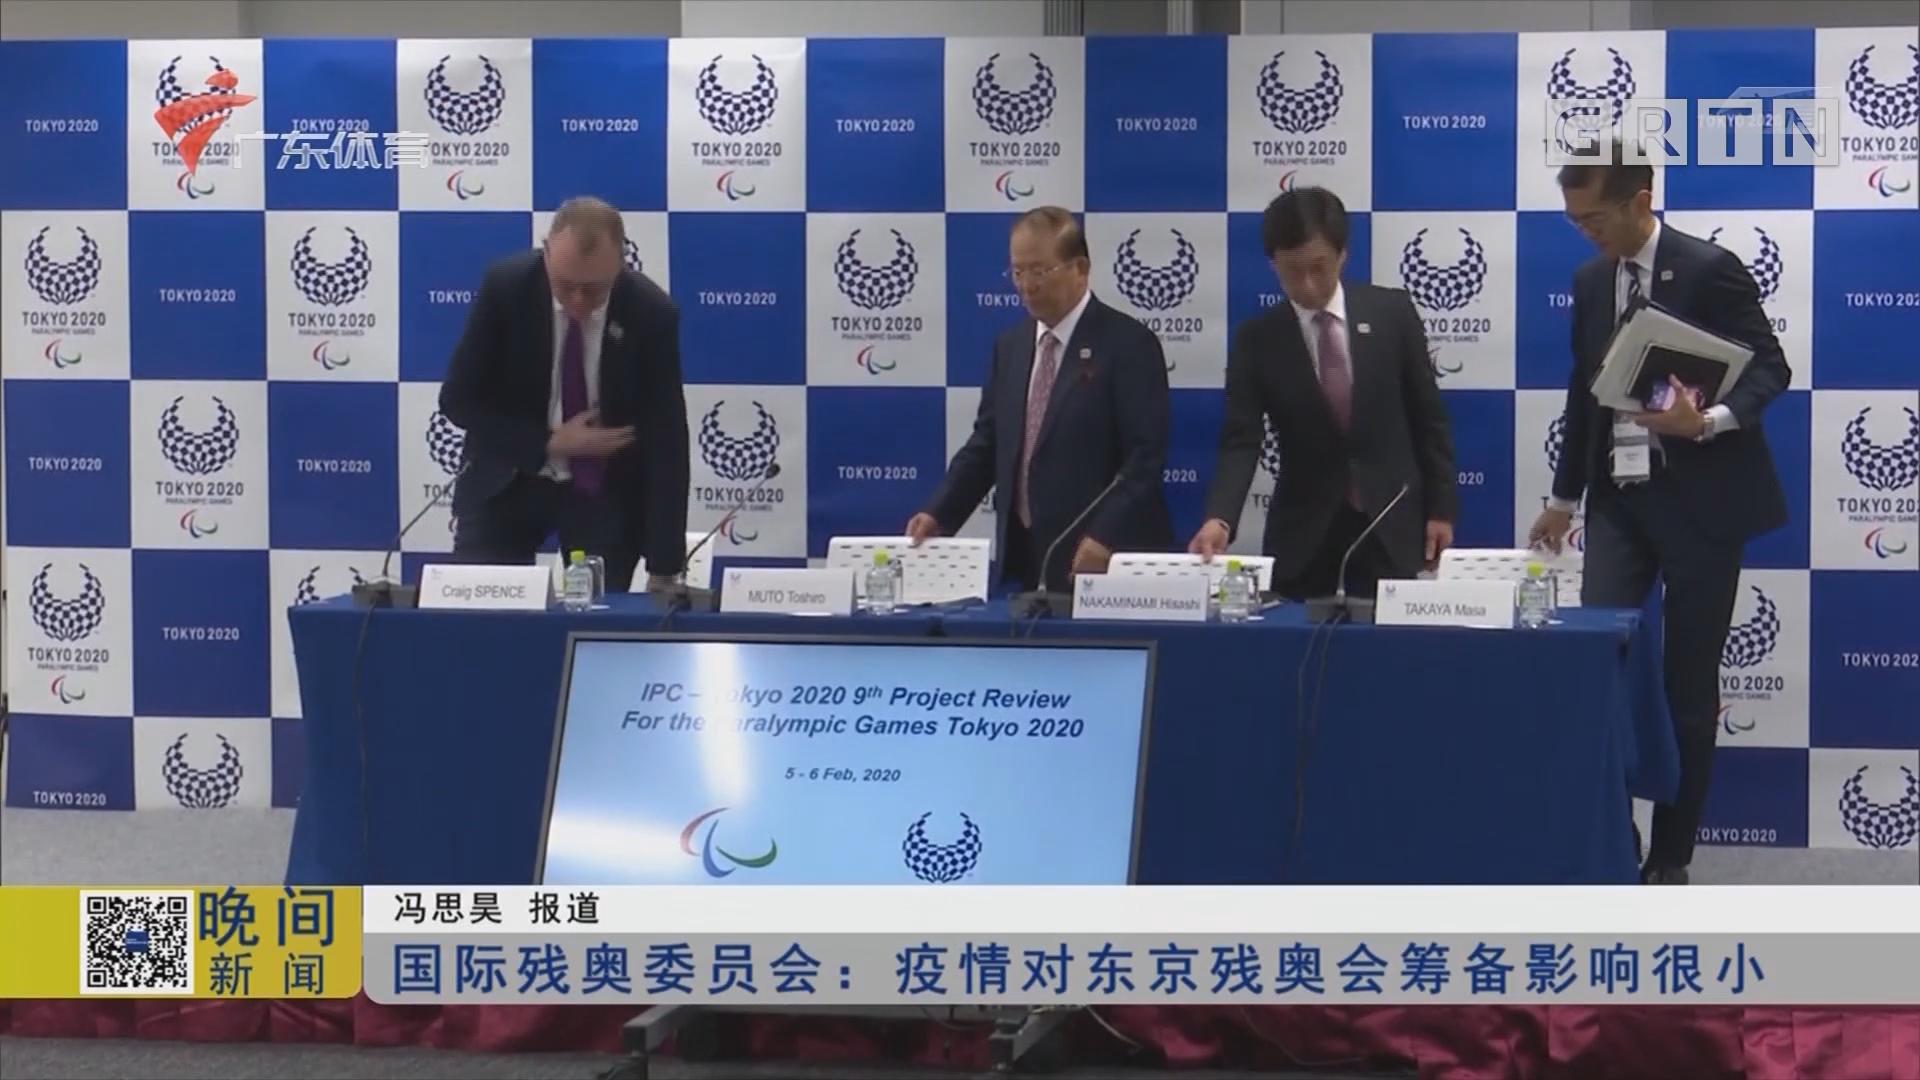 国际残奥委员会:疫情对东京残奥会筹备影响很小